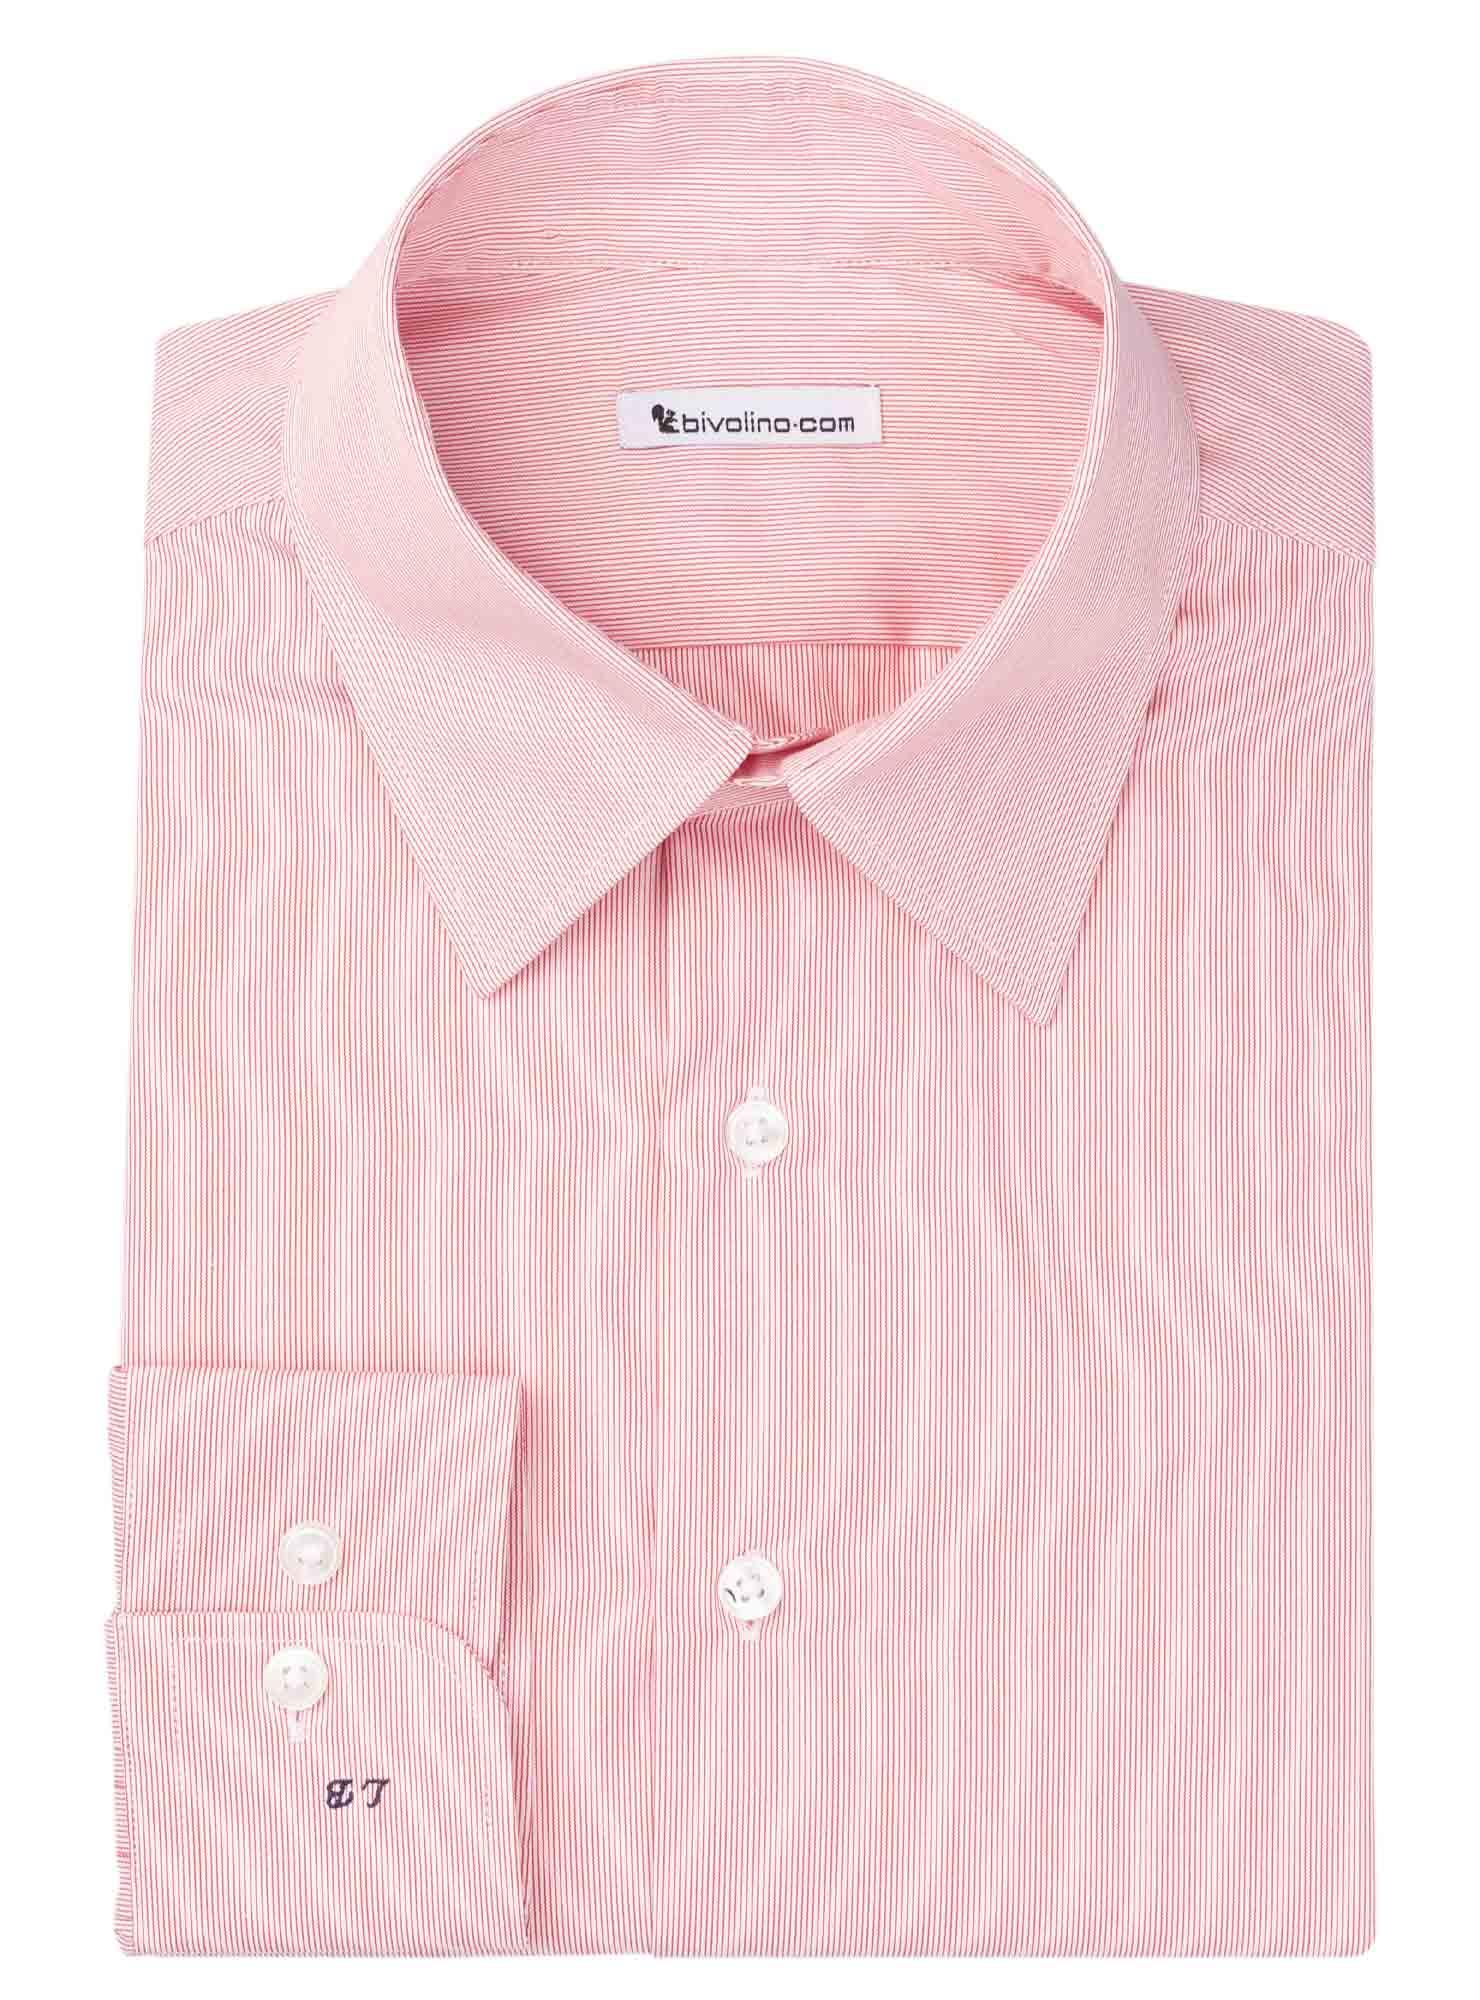 BRESCIA - Männerhemd Vollzwirn Baumwolle  rote Streifen - WINDY 4